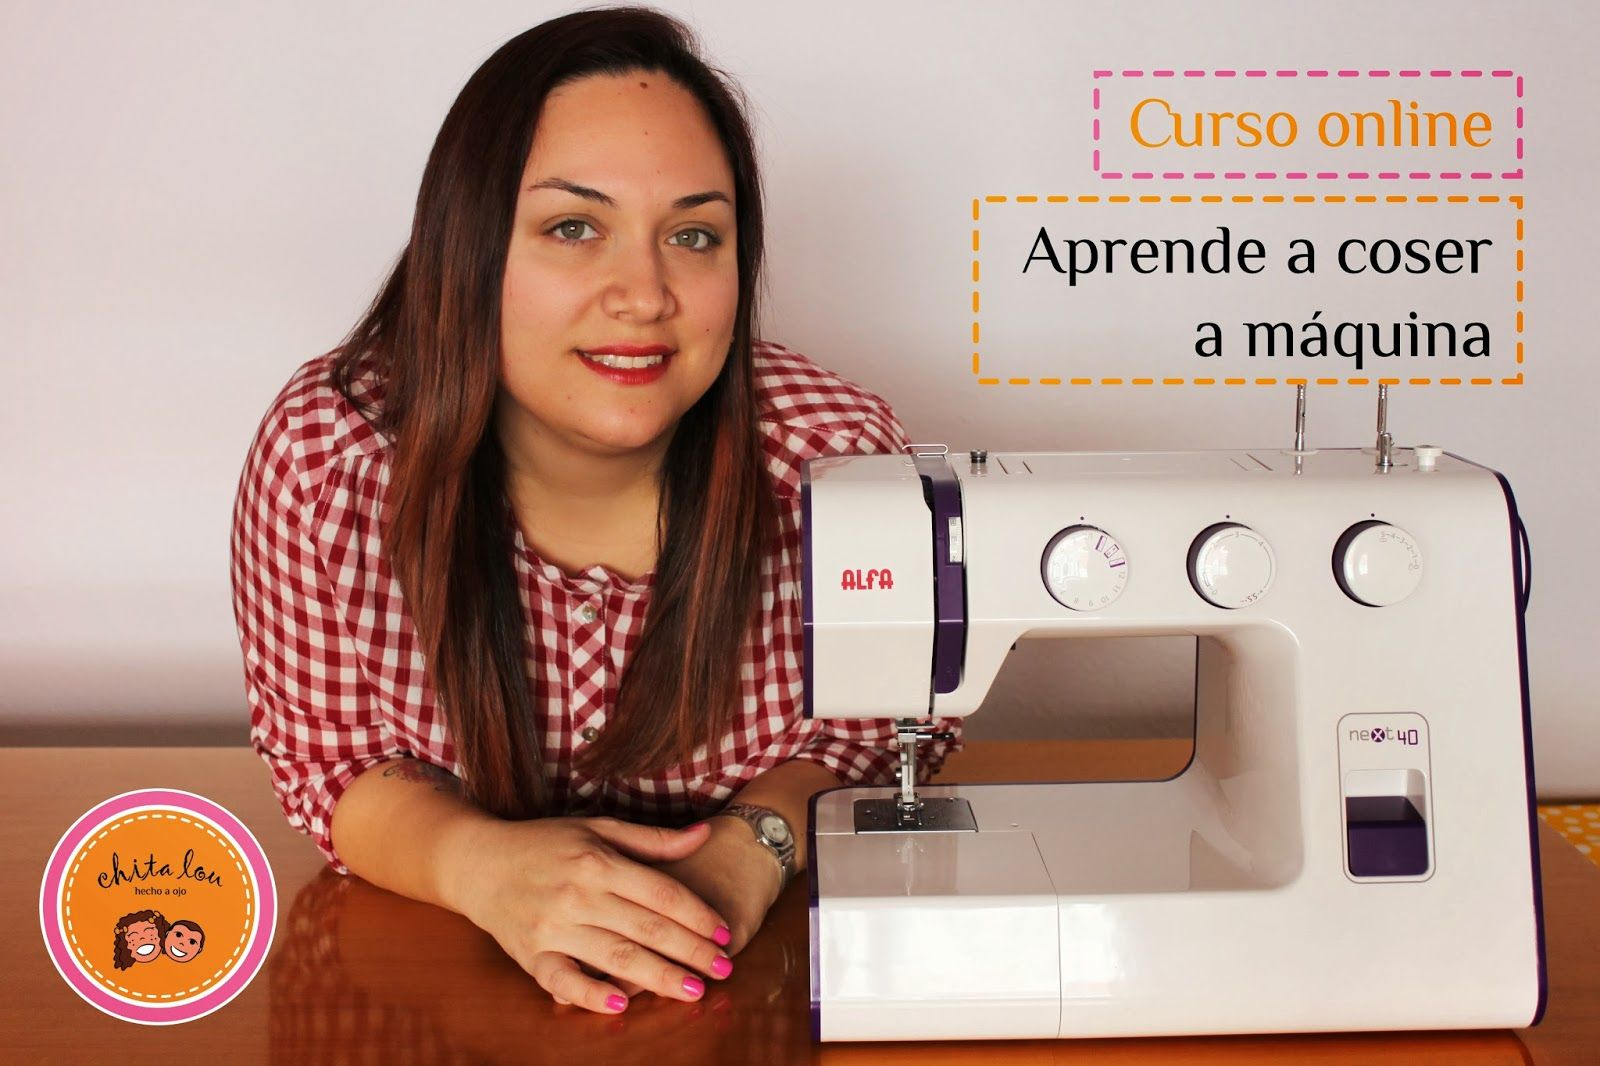 Aprende A Coser A Máquina Con Mi Curso Online Gratuito Chita Lou Costura Creativa Aprender A Coser Clases De Costura Curso De Costura Gratis